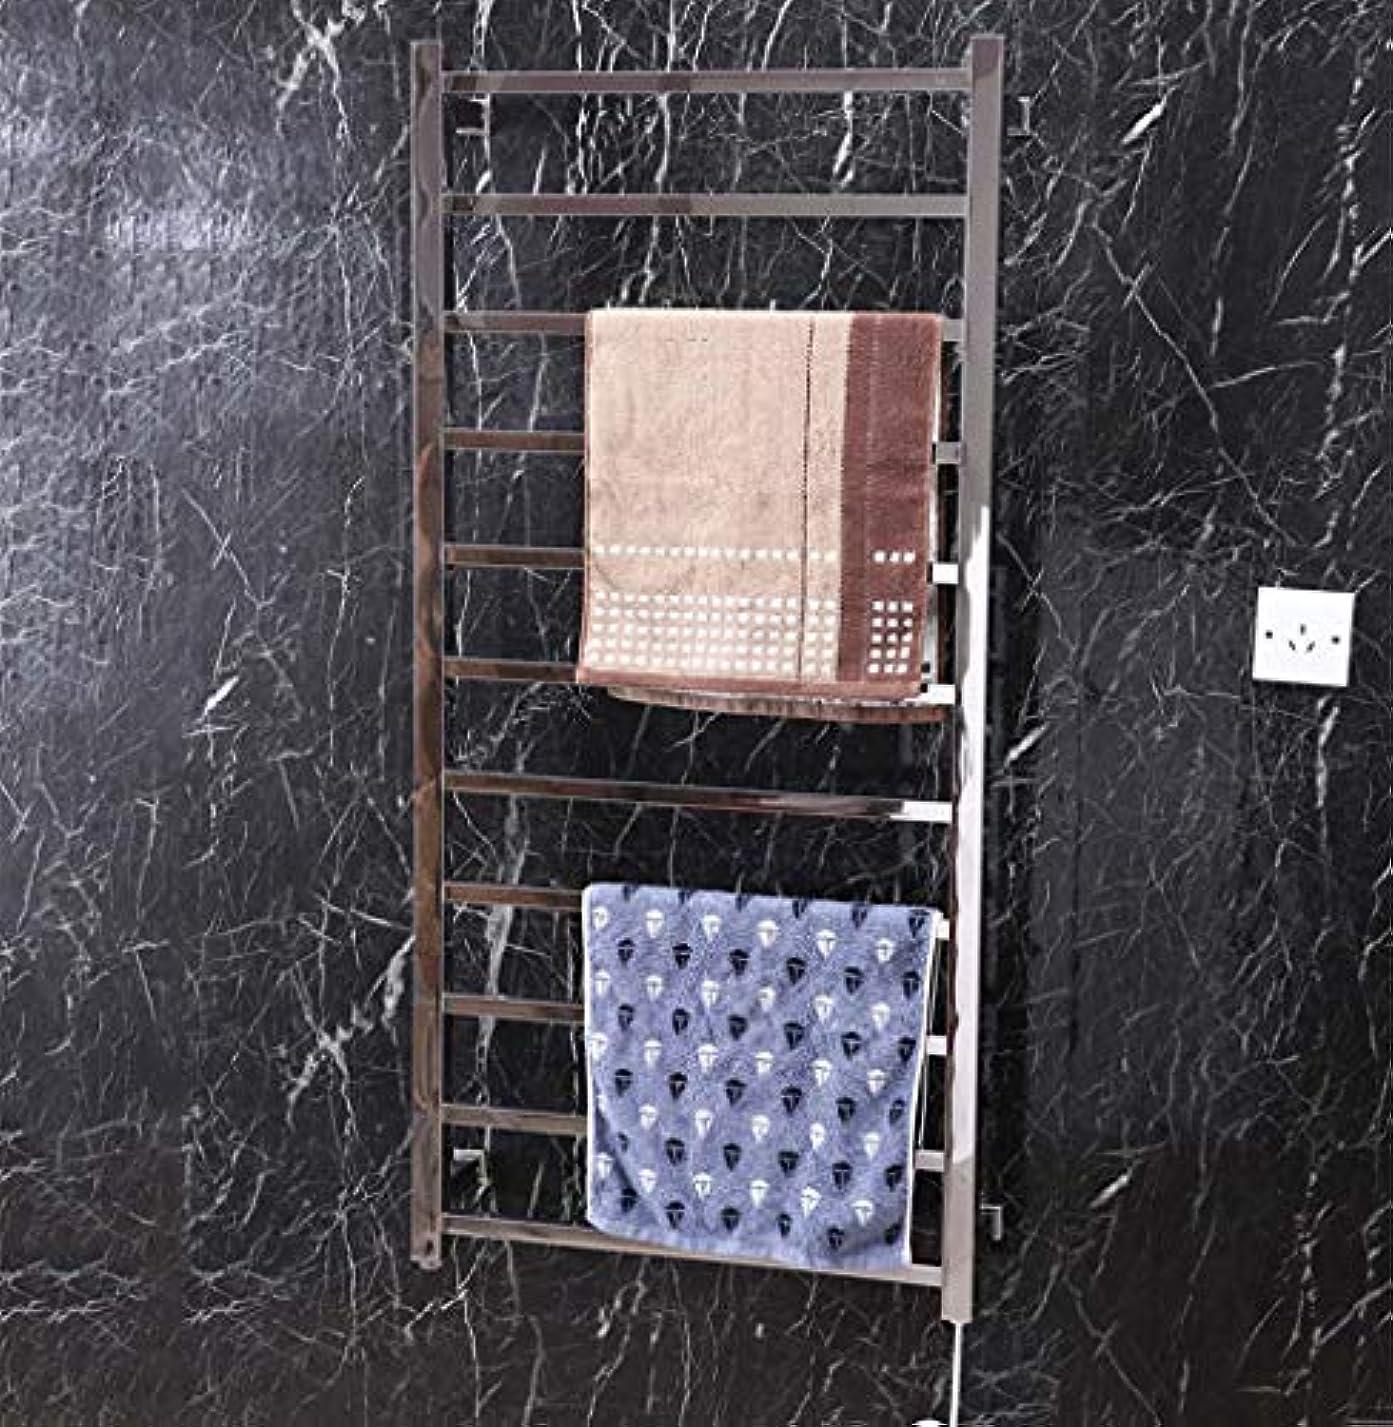 黙認する理論的駐地壁掛け式電気タオルウォーマー、304ステンレススチール製インテリジェント電気タオルラジエーター、サーモスタット滅菌、浴室棚1200X560X125mm